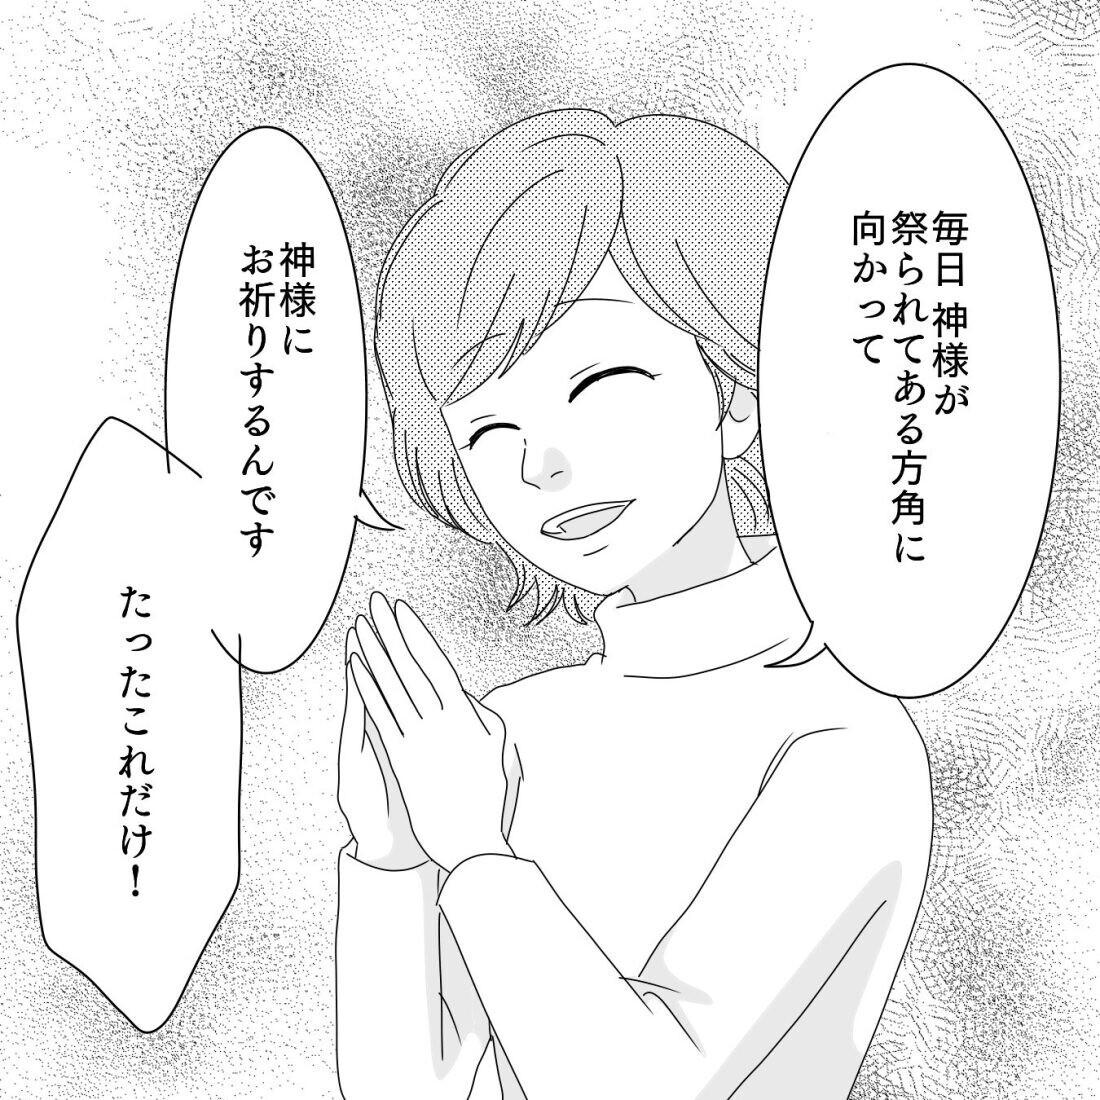 「幸せになりたくないですか?」微笑むママ友…これって、もしかして!【ママ友になりませんか? Vol.10】